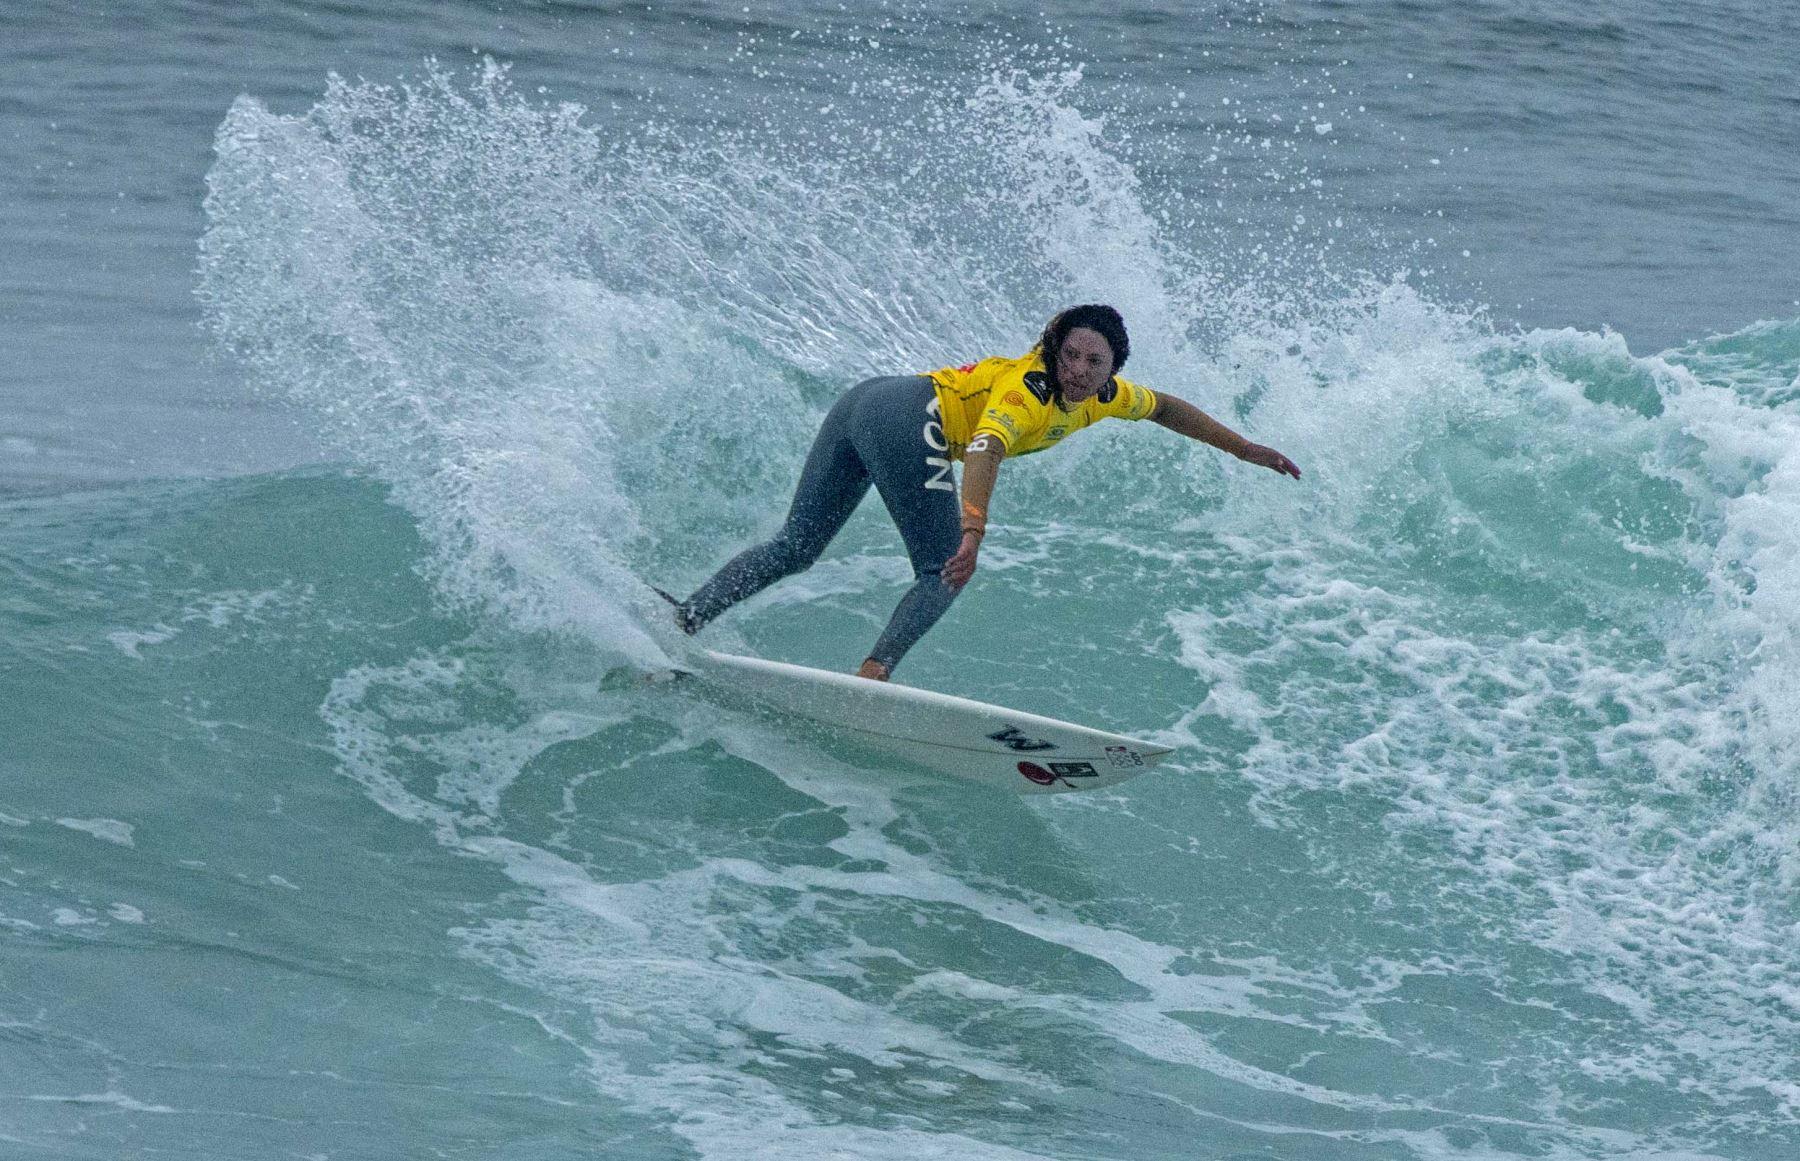 El próximo Mundial ISA en la categoría juvenil se desarrollará en Perú